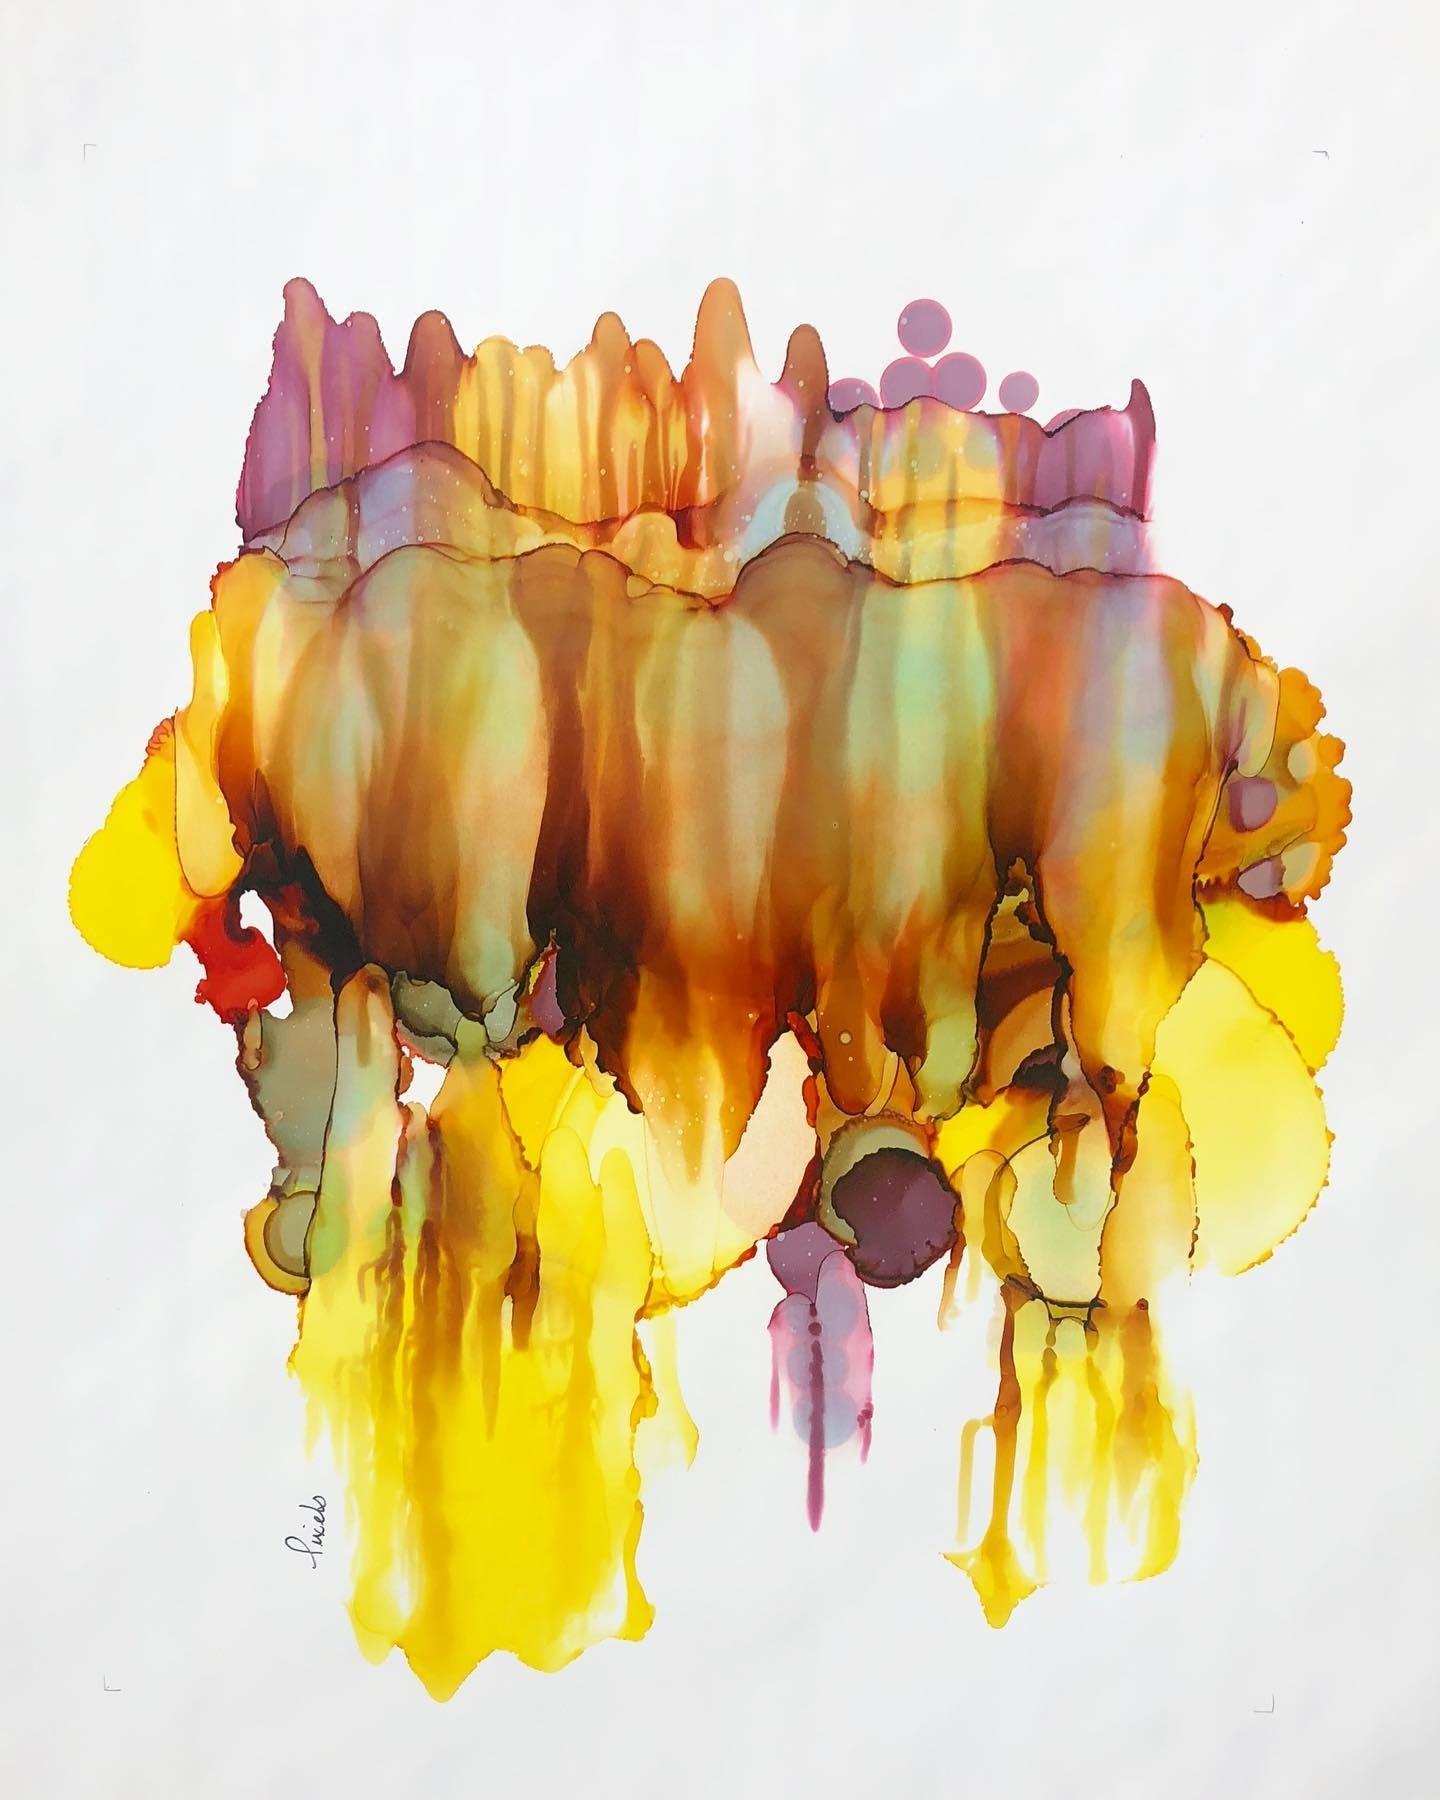 Terre inconnue (o.encadrée), de l'artiste Nancy Létourneau, Oeuvre sur papier Yupo, médium encre à l'alcool, Création unique, dimension 22 x 18  de largeur